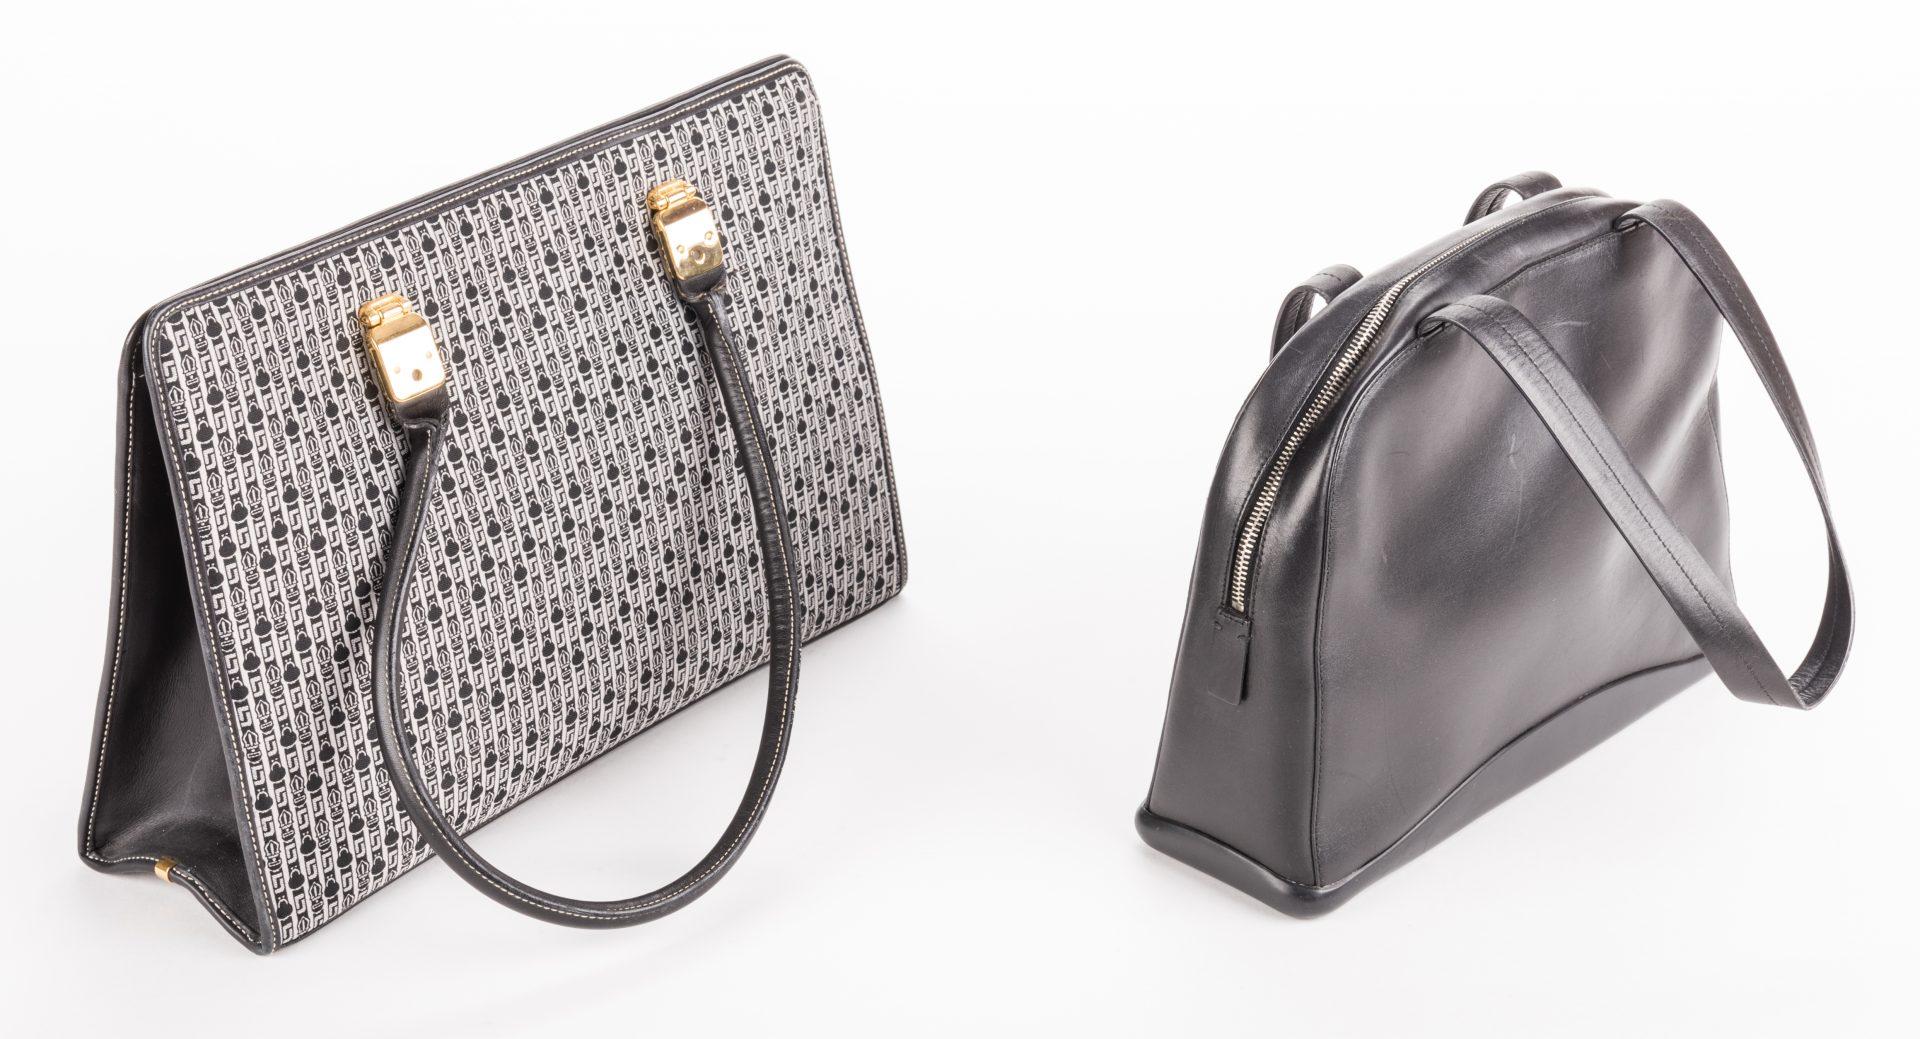 Lot 839: 2 Designer Handbags, inc. Judith Leiber and Prada.